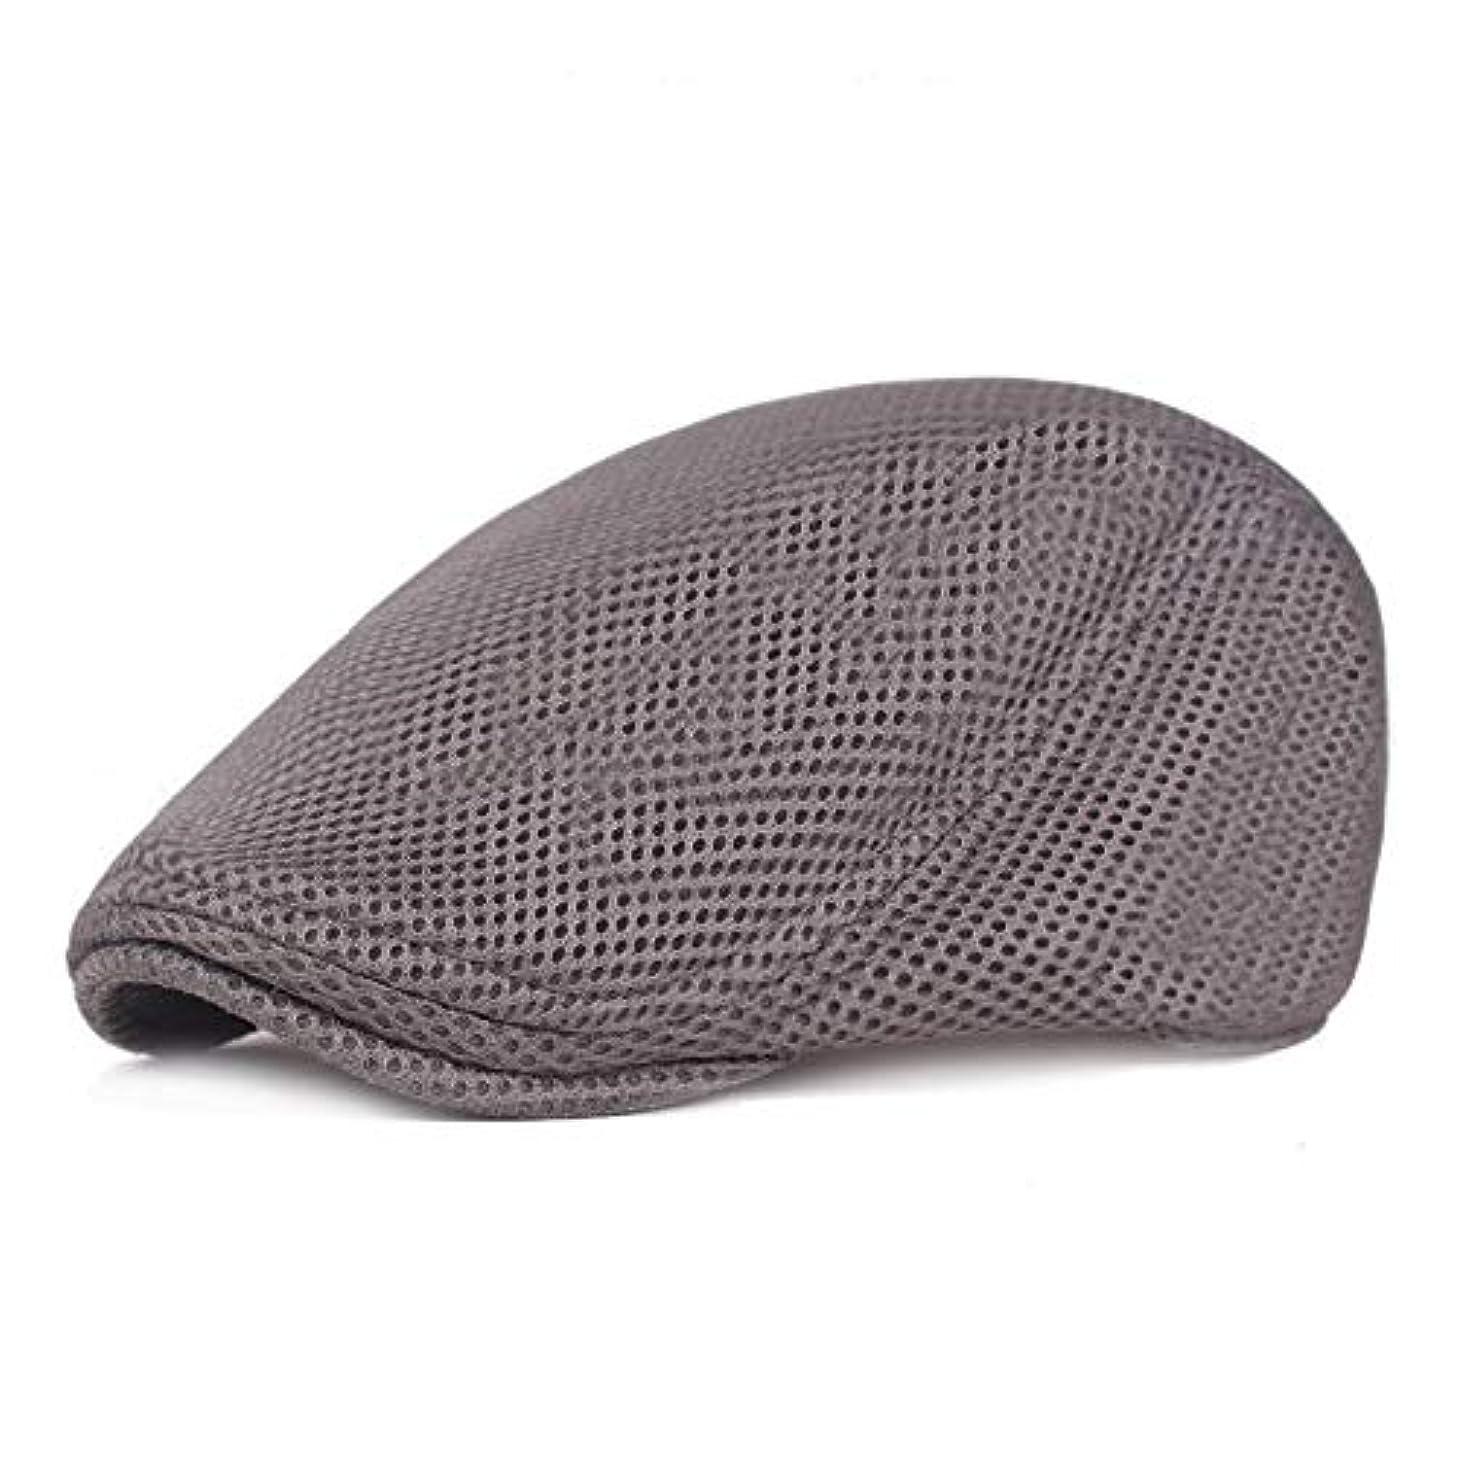 勇者引き金カップメッシュ ハンチング キャップ 夏用 綿 ベレー帽 調整可能ワークキャップ アウトドアキャップ 男女兼用